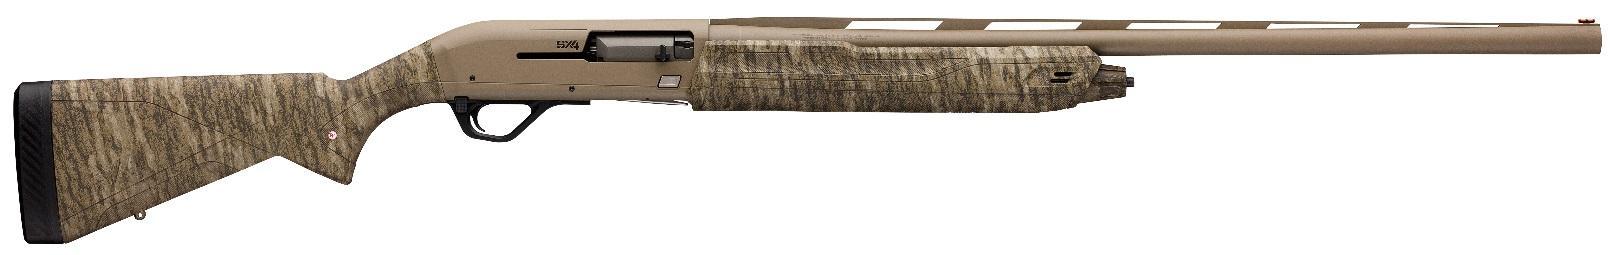 Winchester Guns 511233391 SX4 Hybrid Hunter 12 Gauge 26